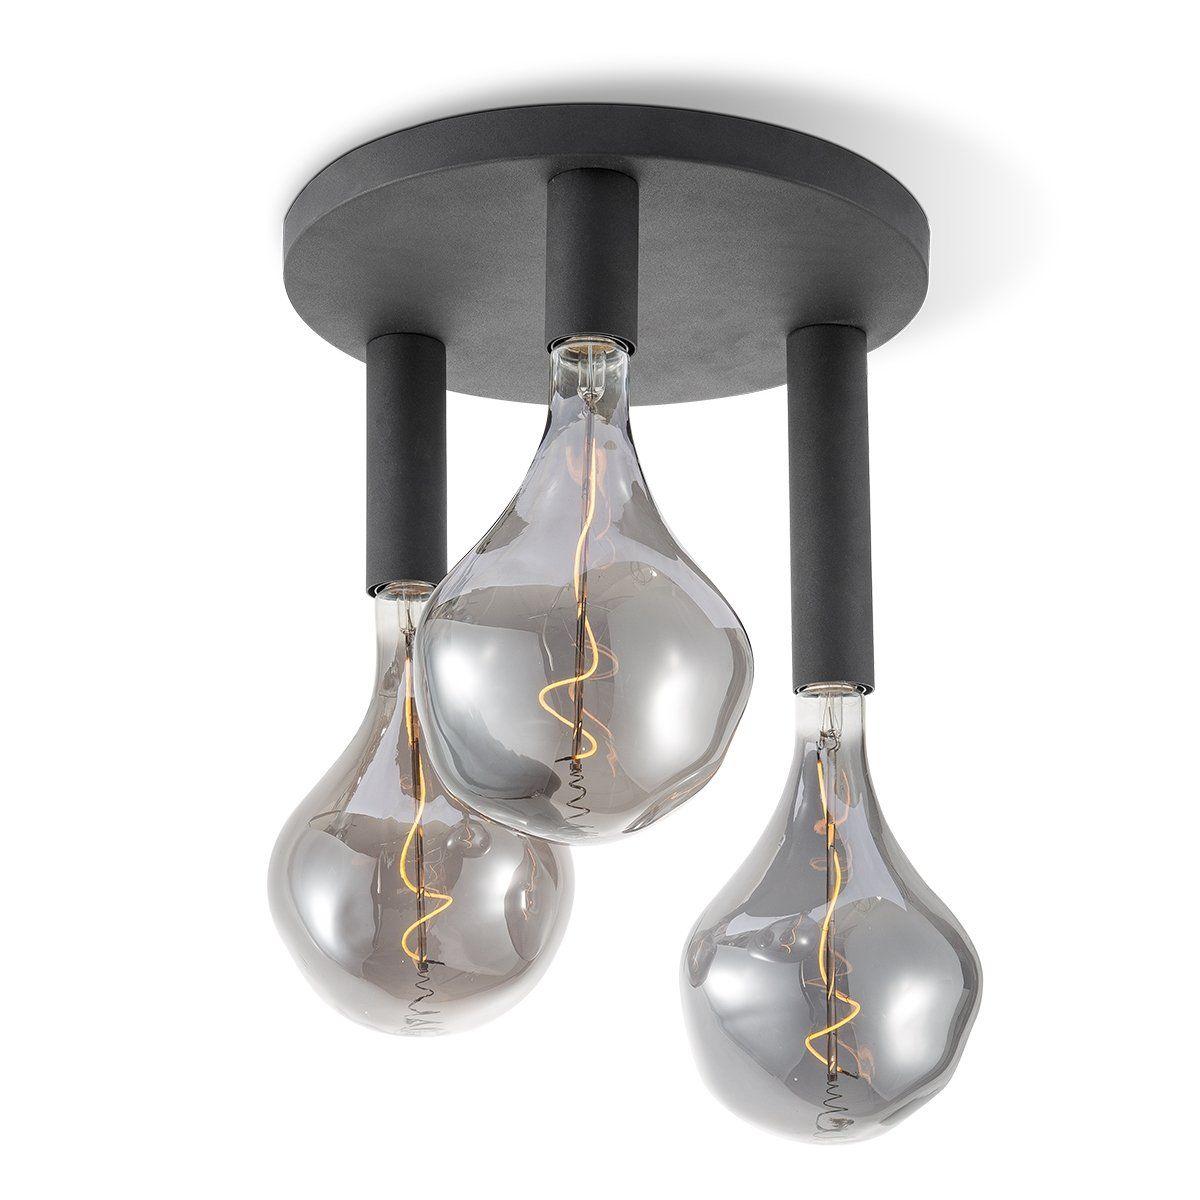 Home sweet home plafondlamp Drip rond 3 lichts - zwart